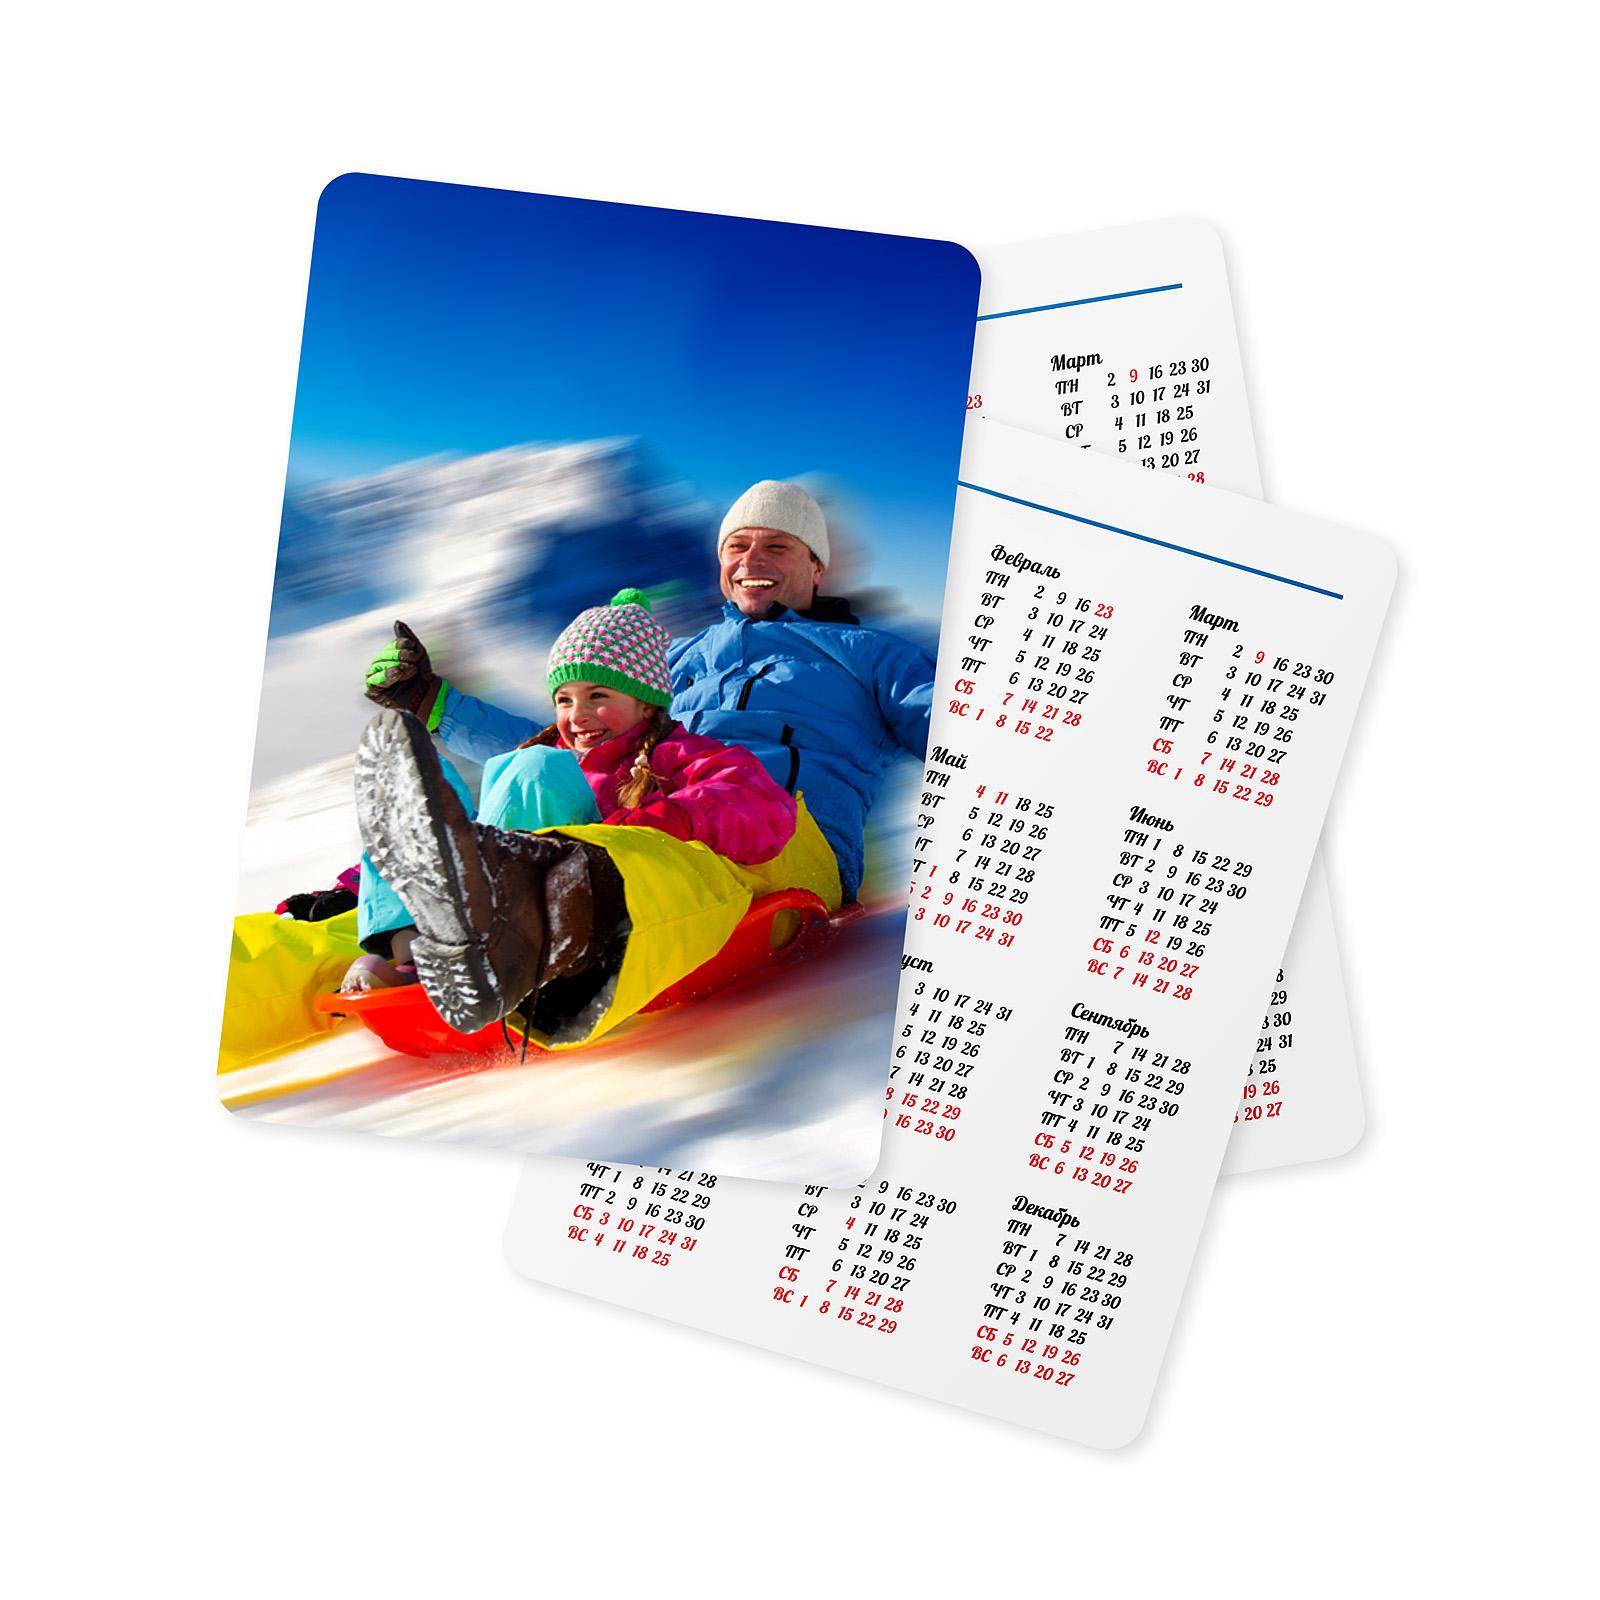 должен быть карманный календарик с фото договаривался другими